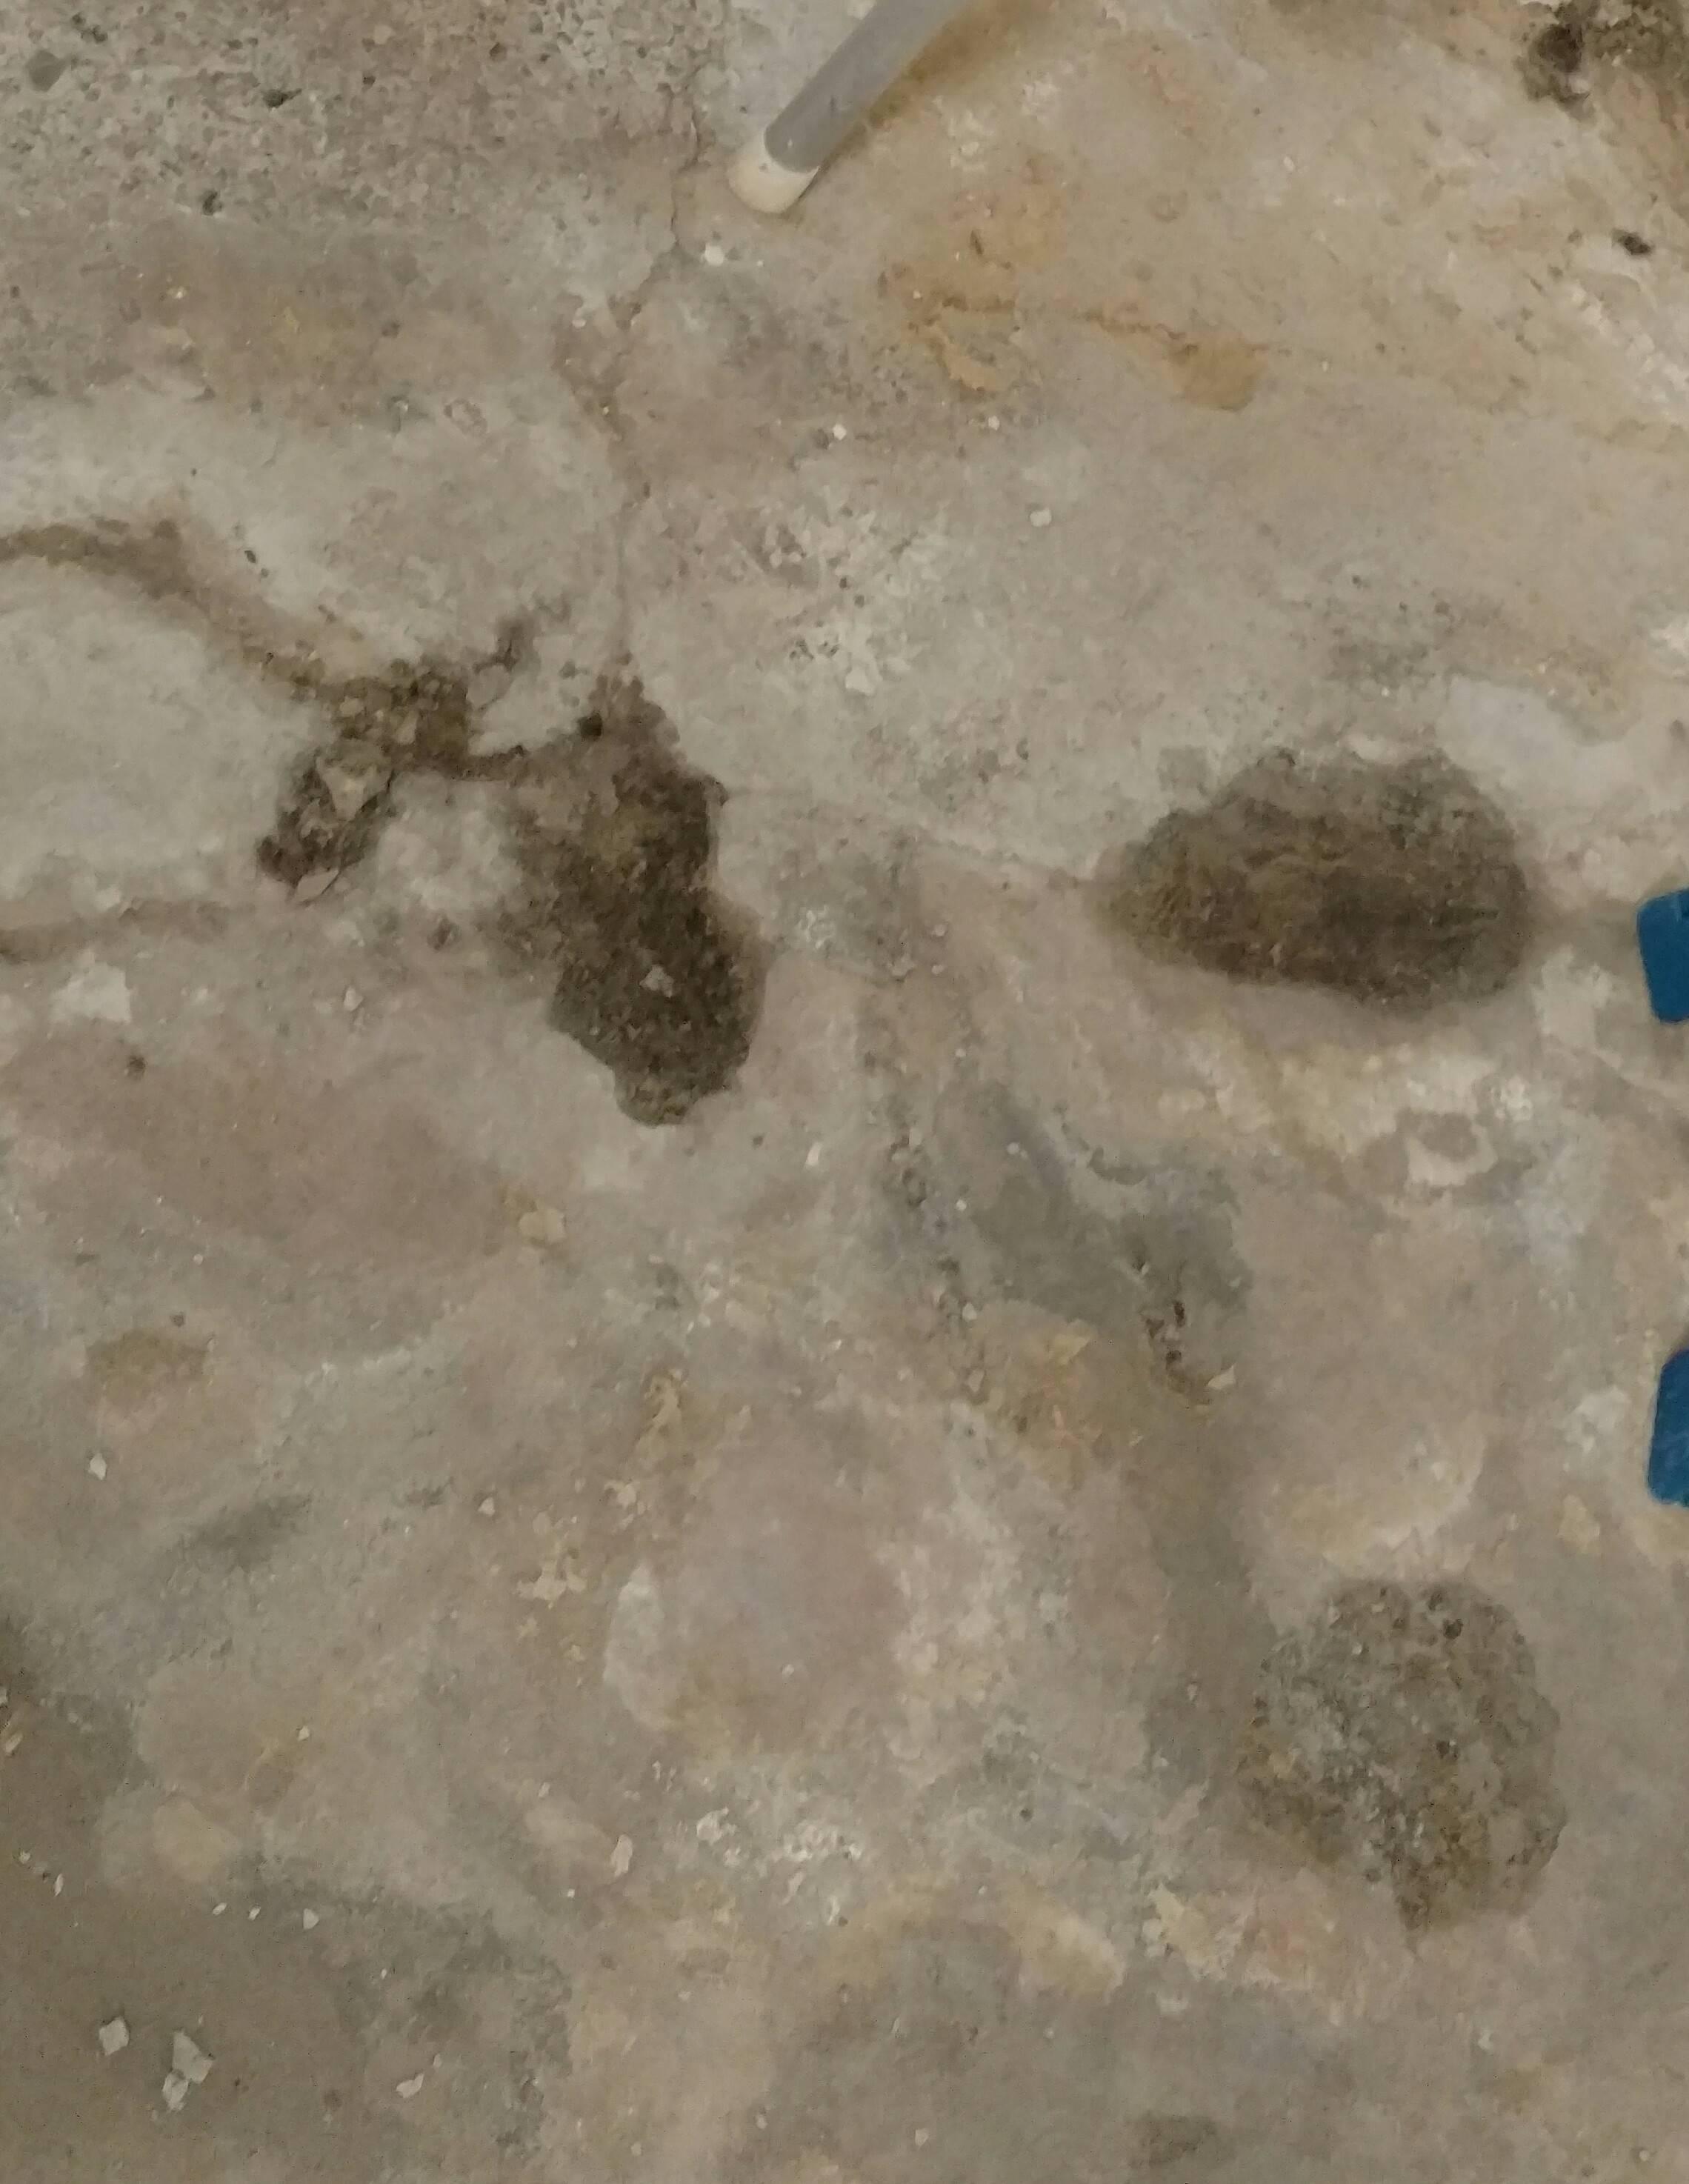 Seal Damp Concrete Basement Floor